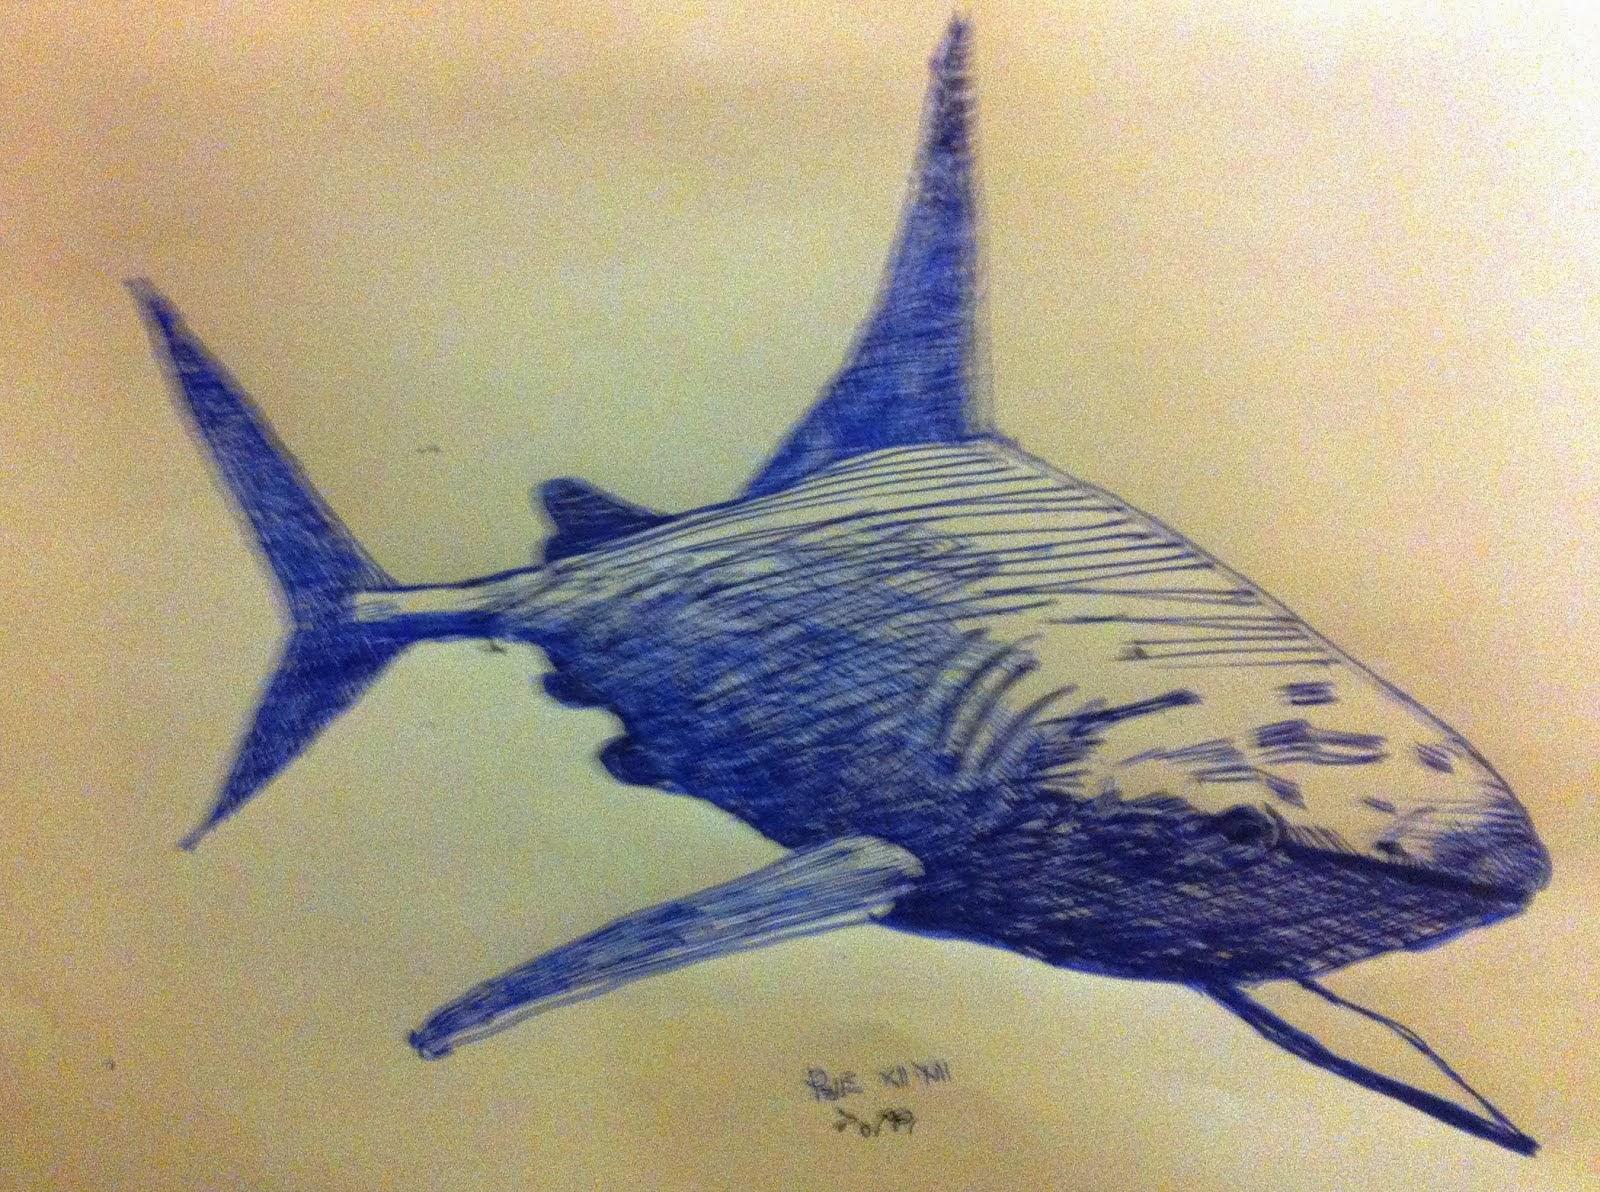 Blu Shark - Toppi (Inchiostro Stilo)